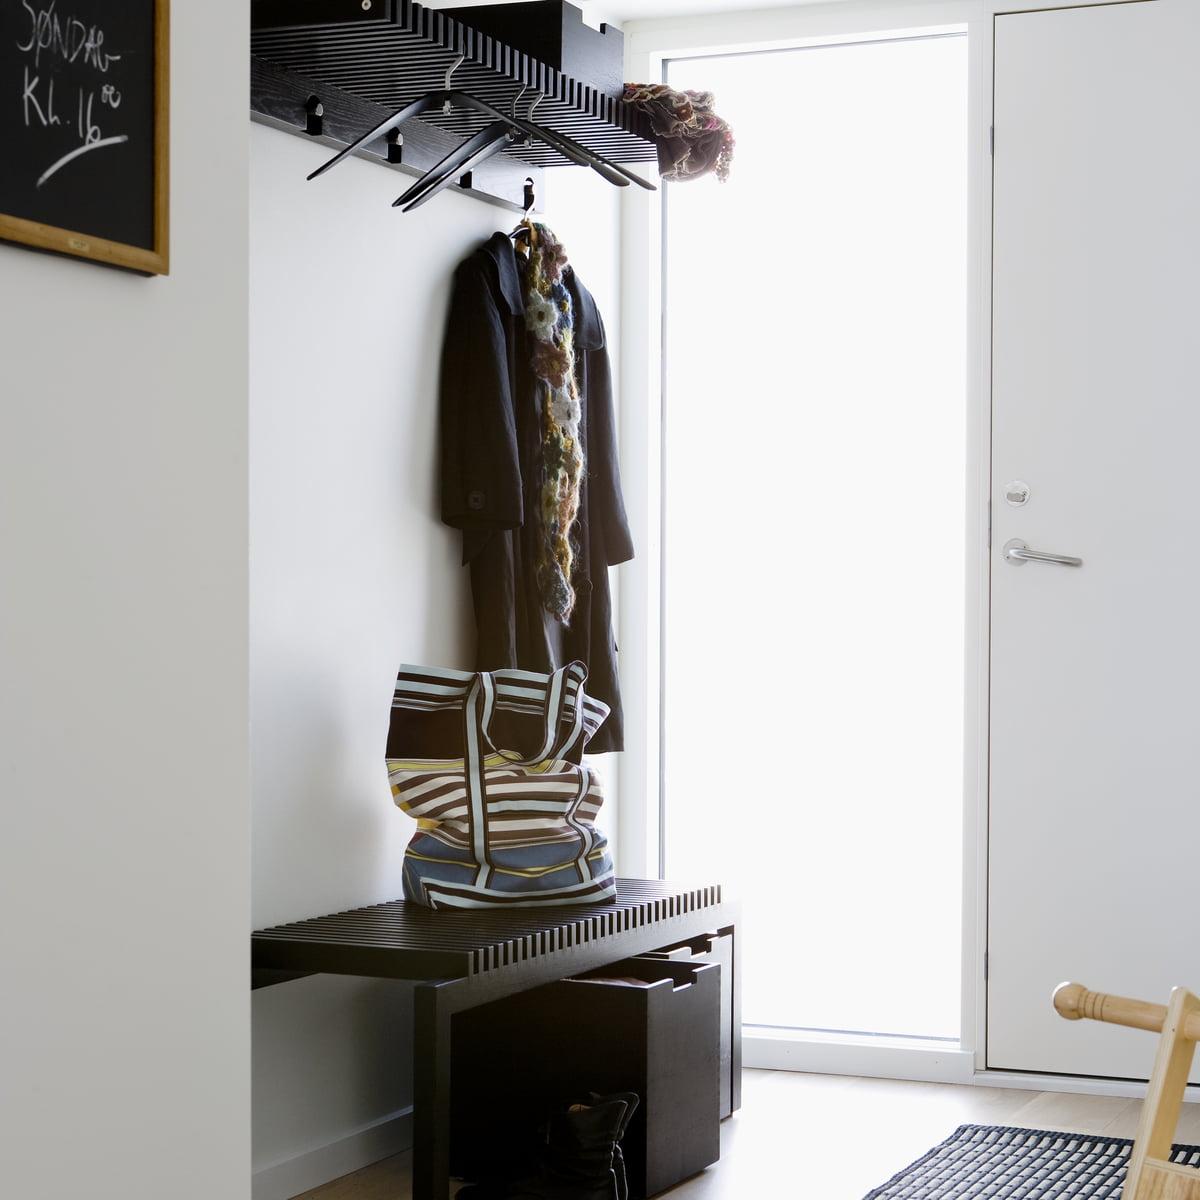 Bezaubernd Garderobe Sammlung Von Skagerak Cutter Coat Rack In Black.